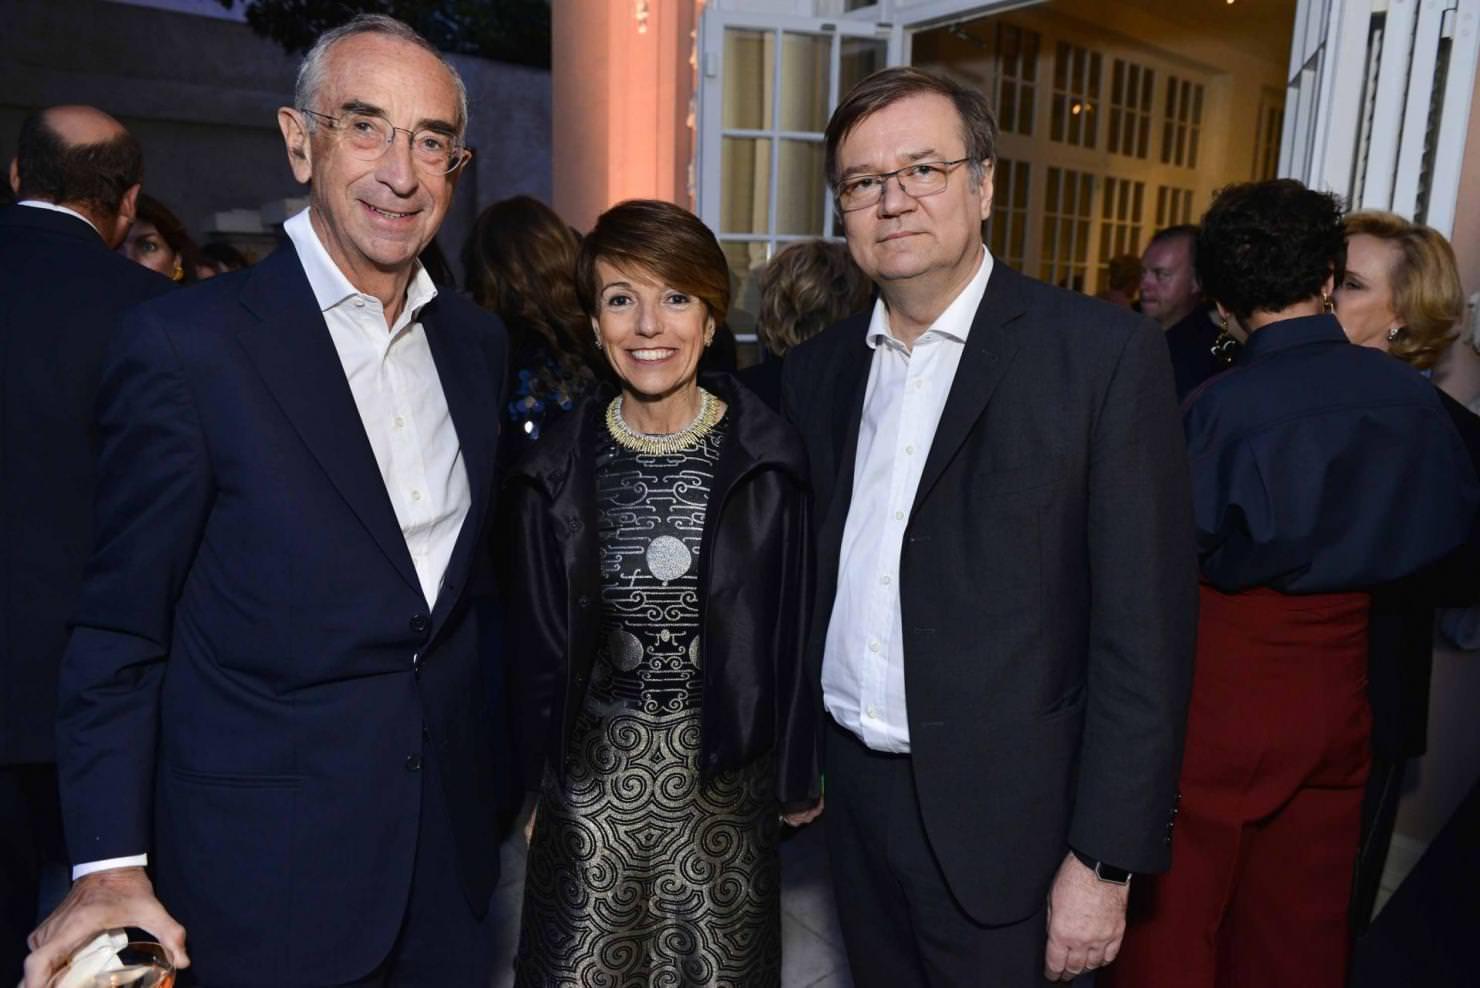 Sigifredo di Canossa, Patrizia Sandretto Re Rebaudengo et Agostino Re Rebaudengo